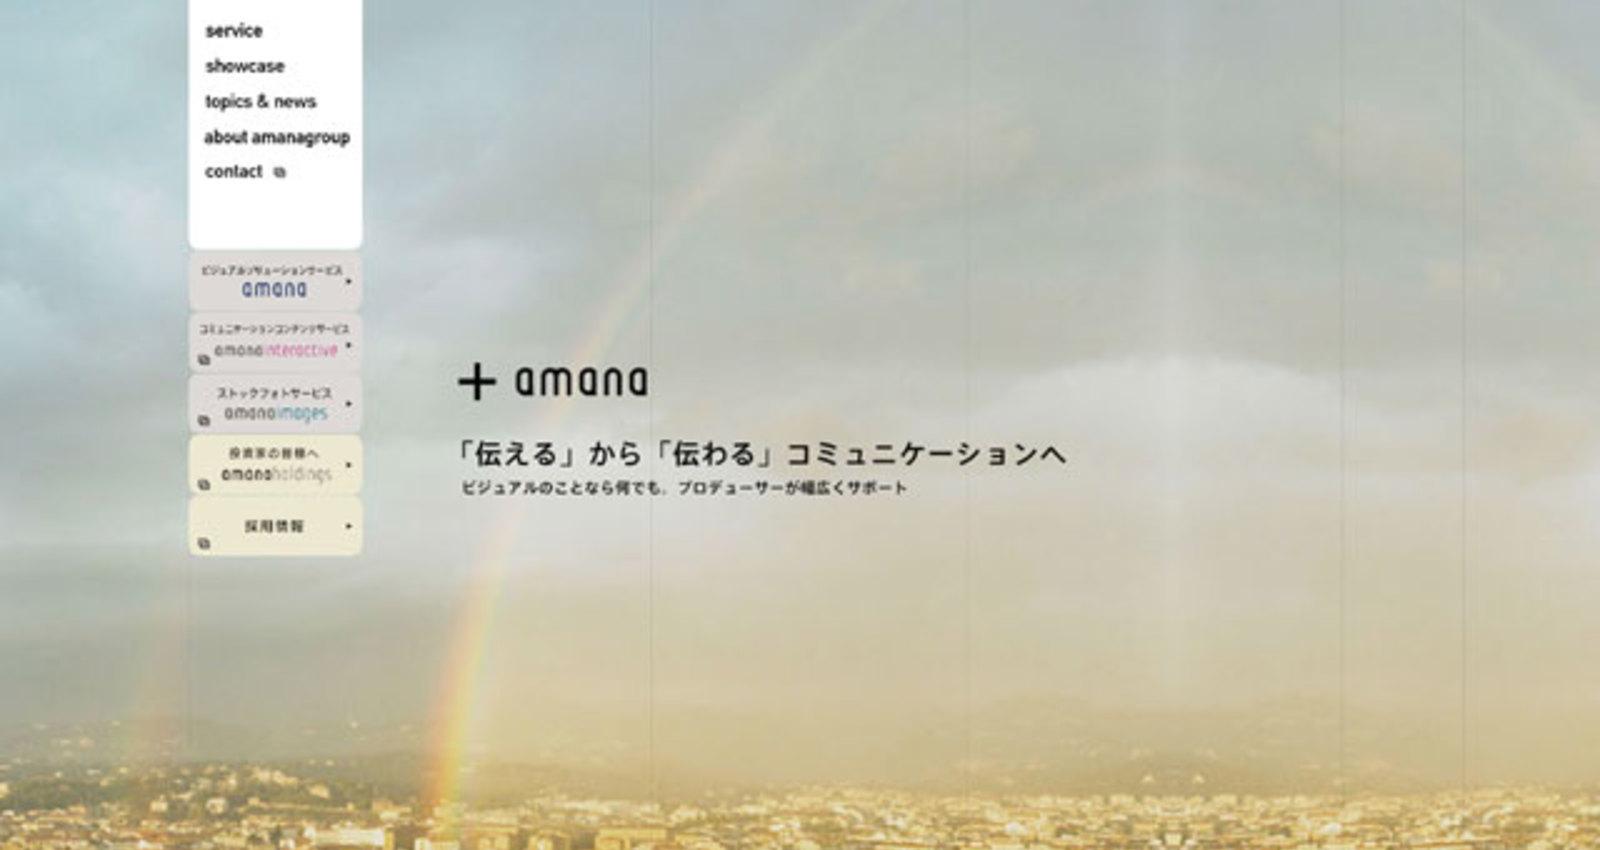 amanagroup